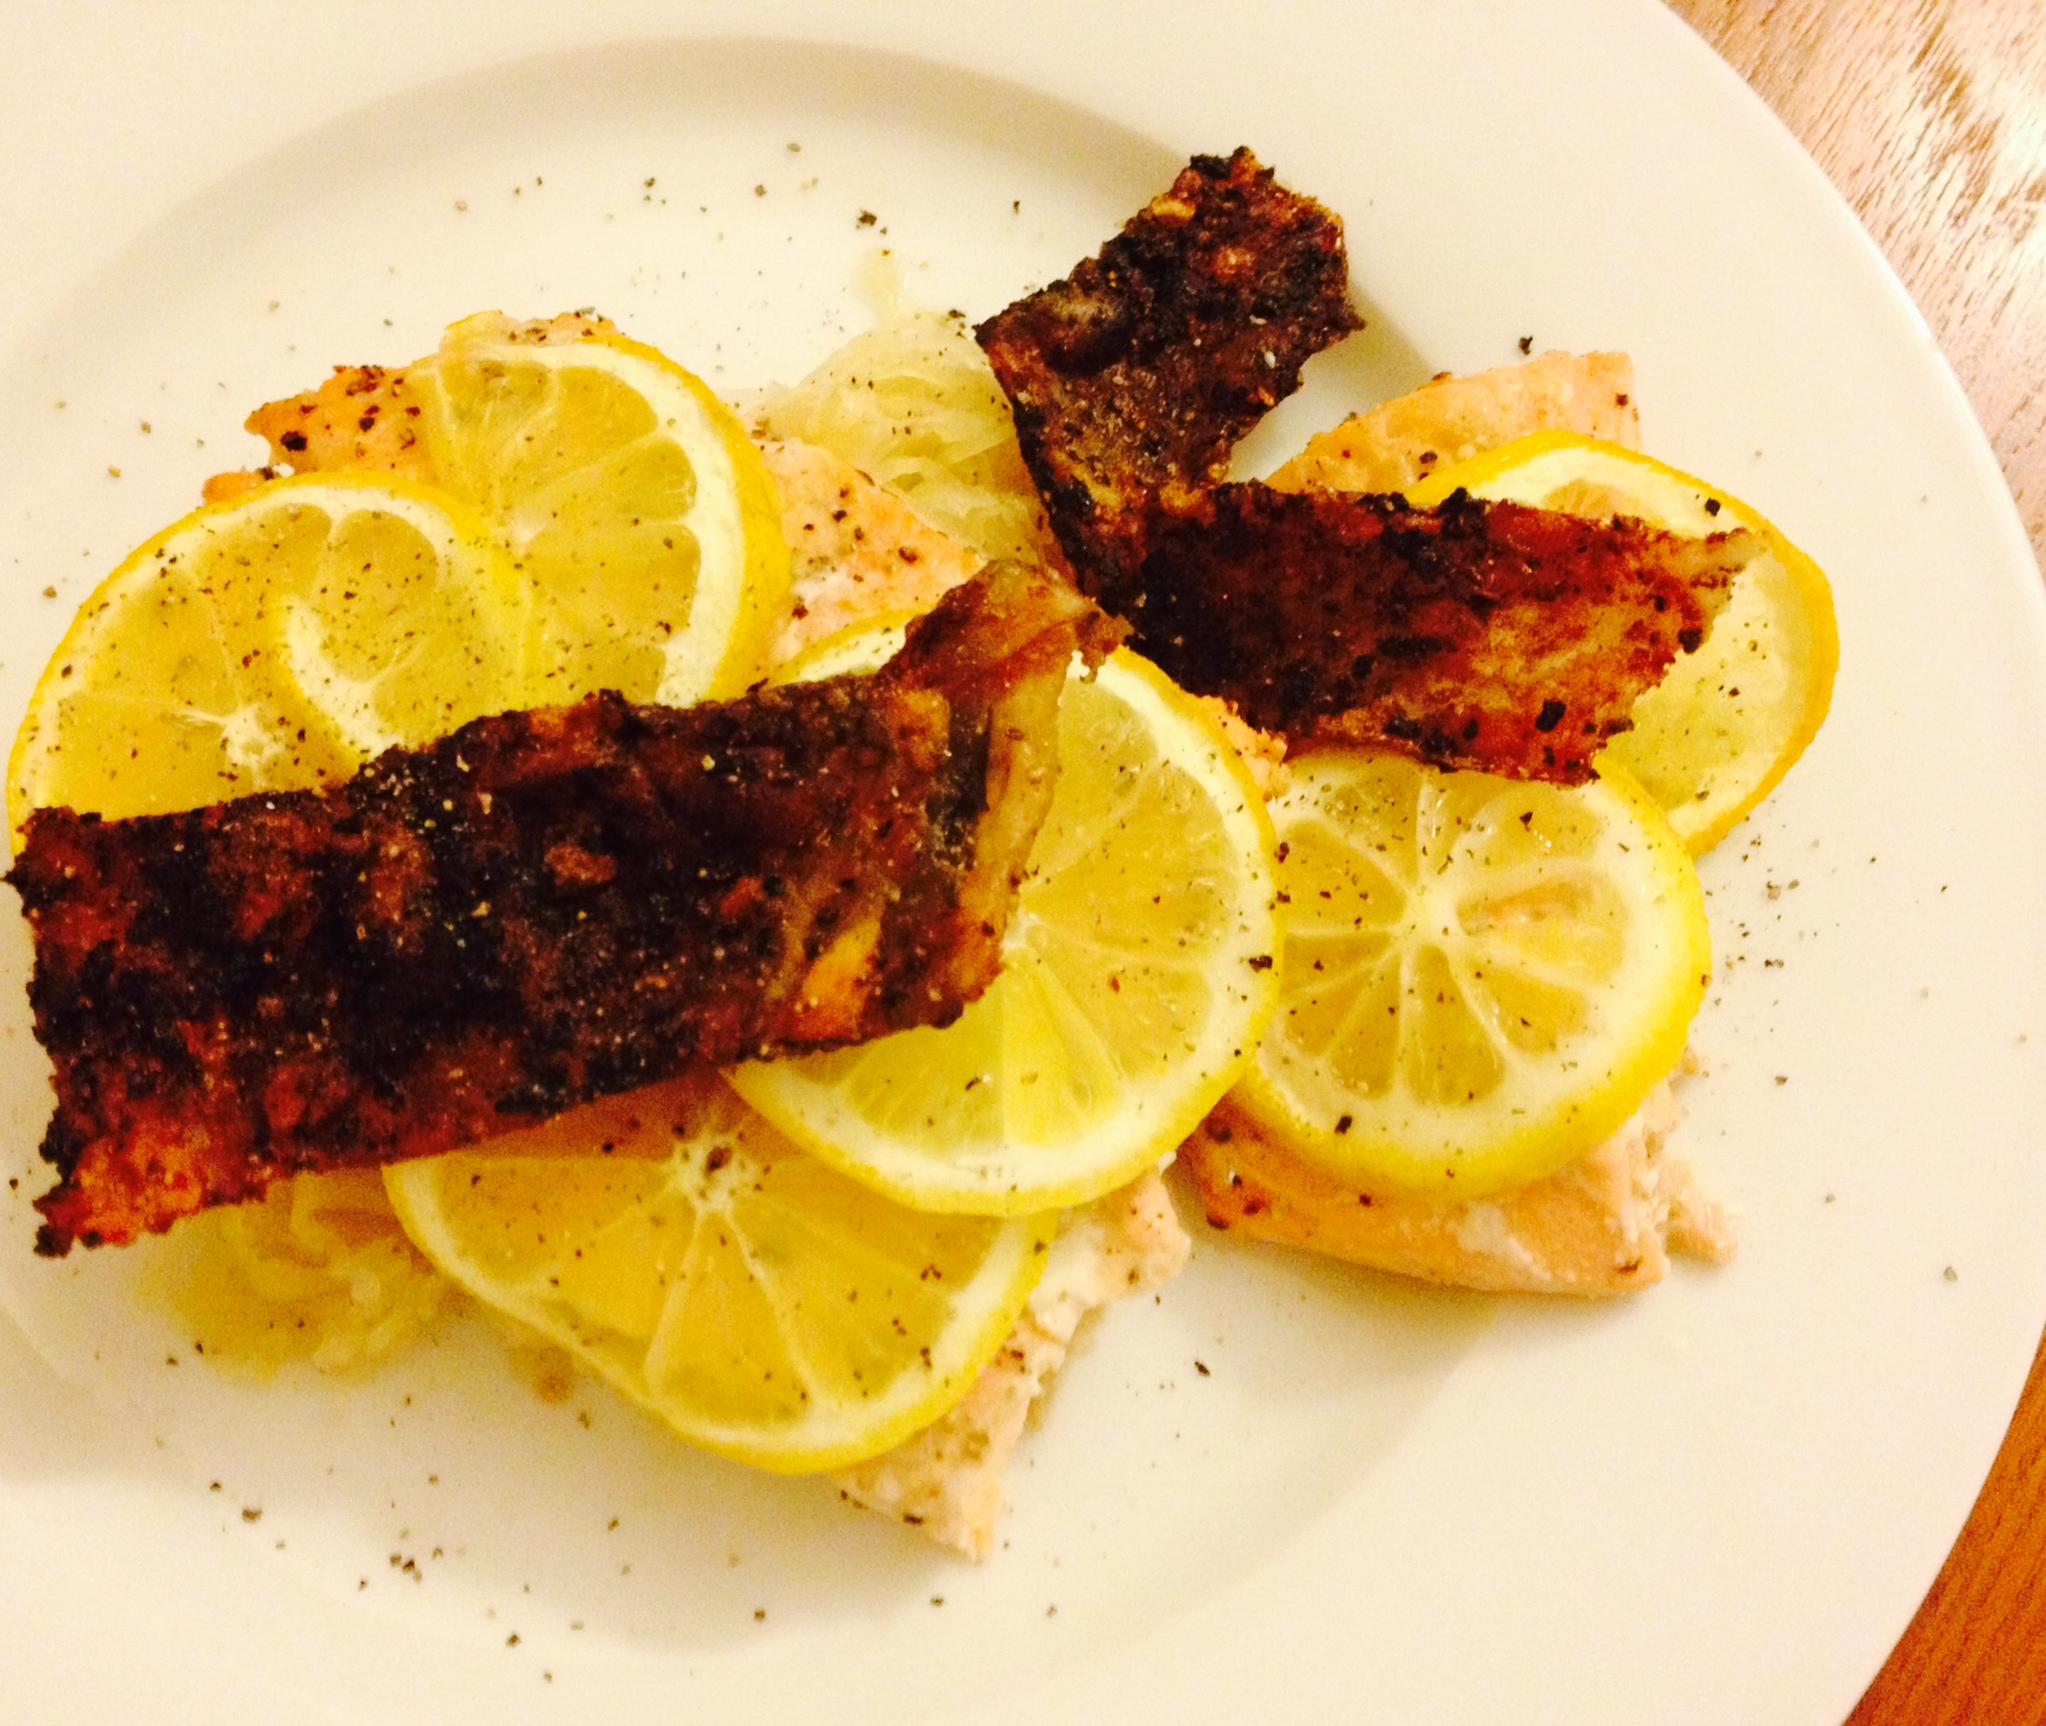 Paleo Broiled Lemony Salmon With Crispy Skin Paleo In A